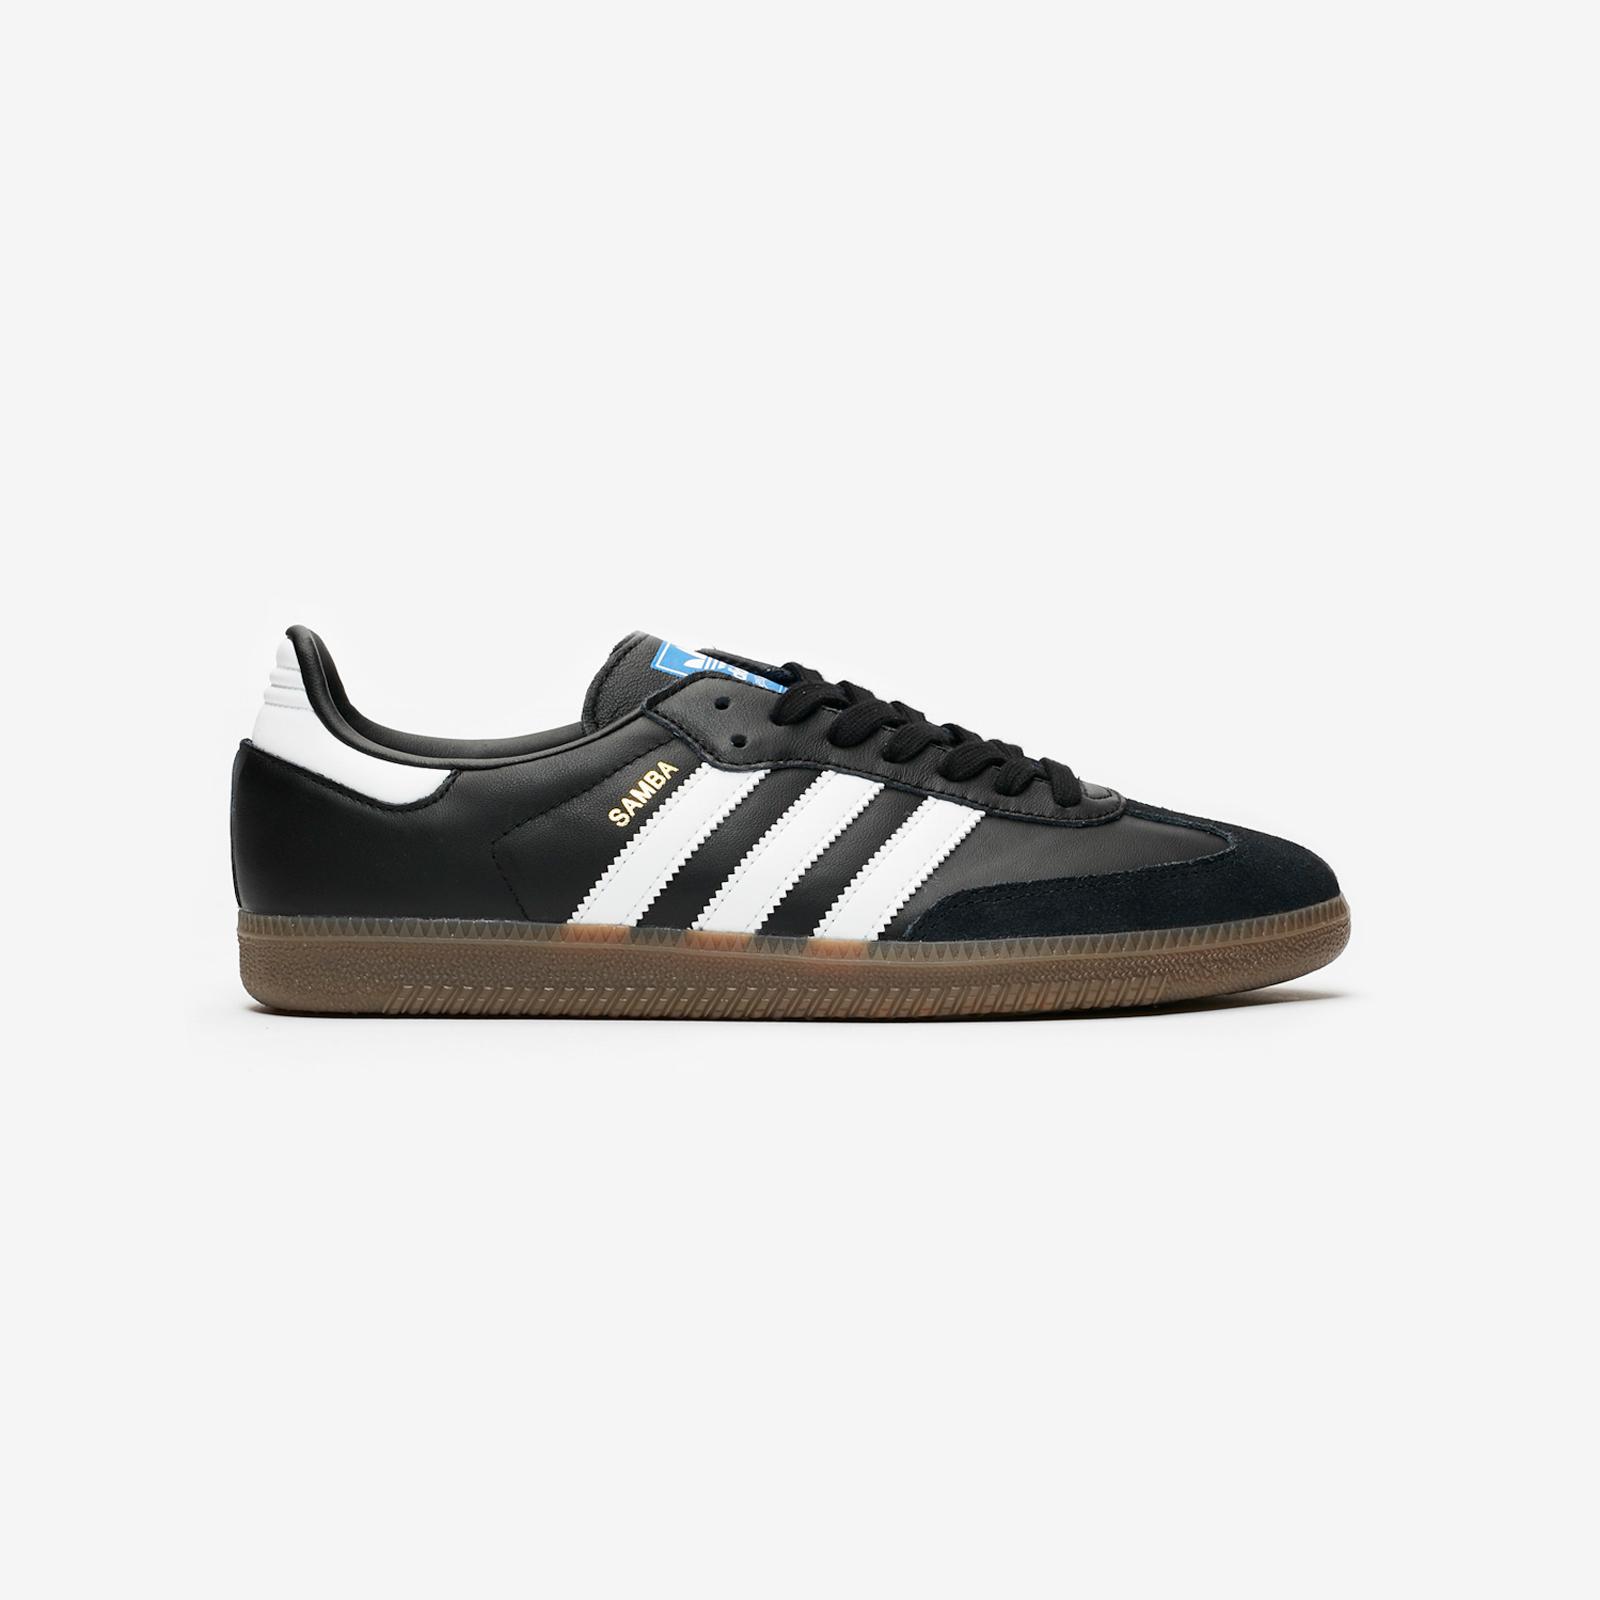 Details zu Womens Adidas Originals Honey Hi W Shoes Trainers Blue White UK 5.5 EU 38 23